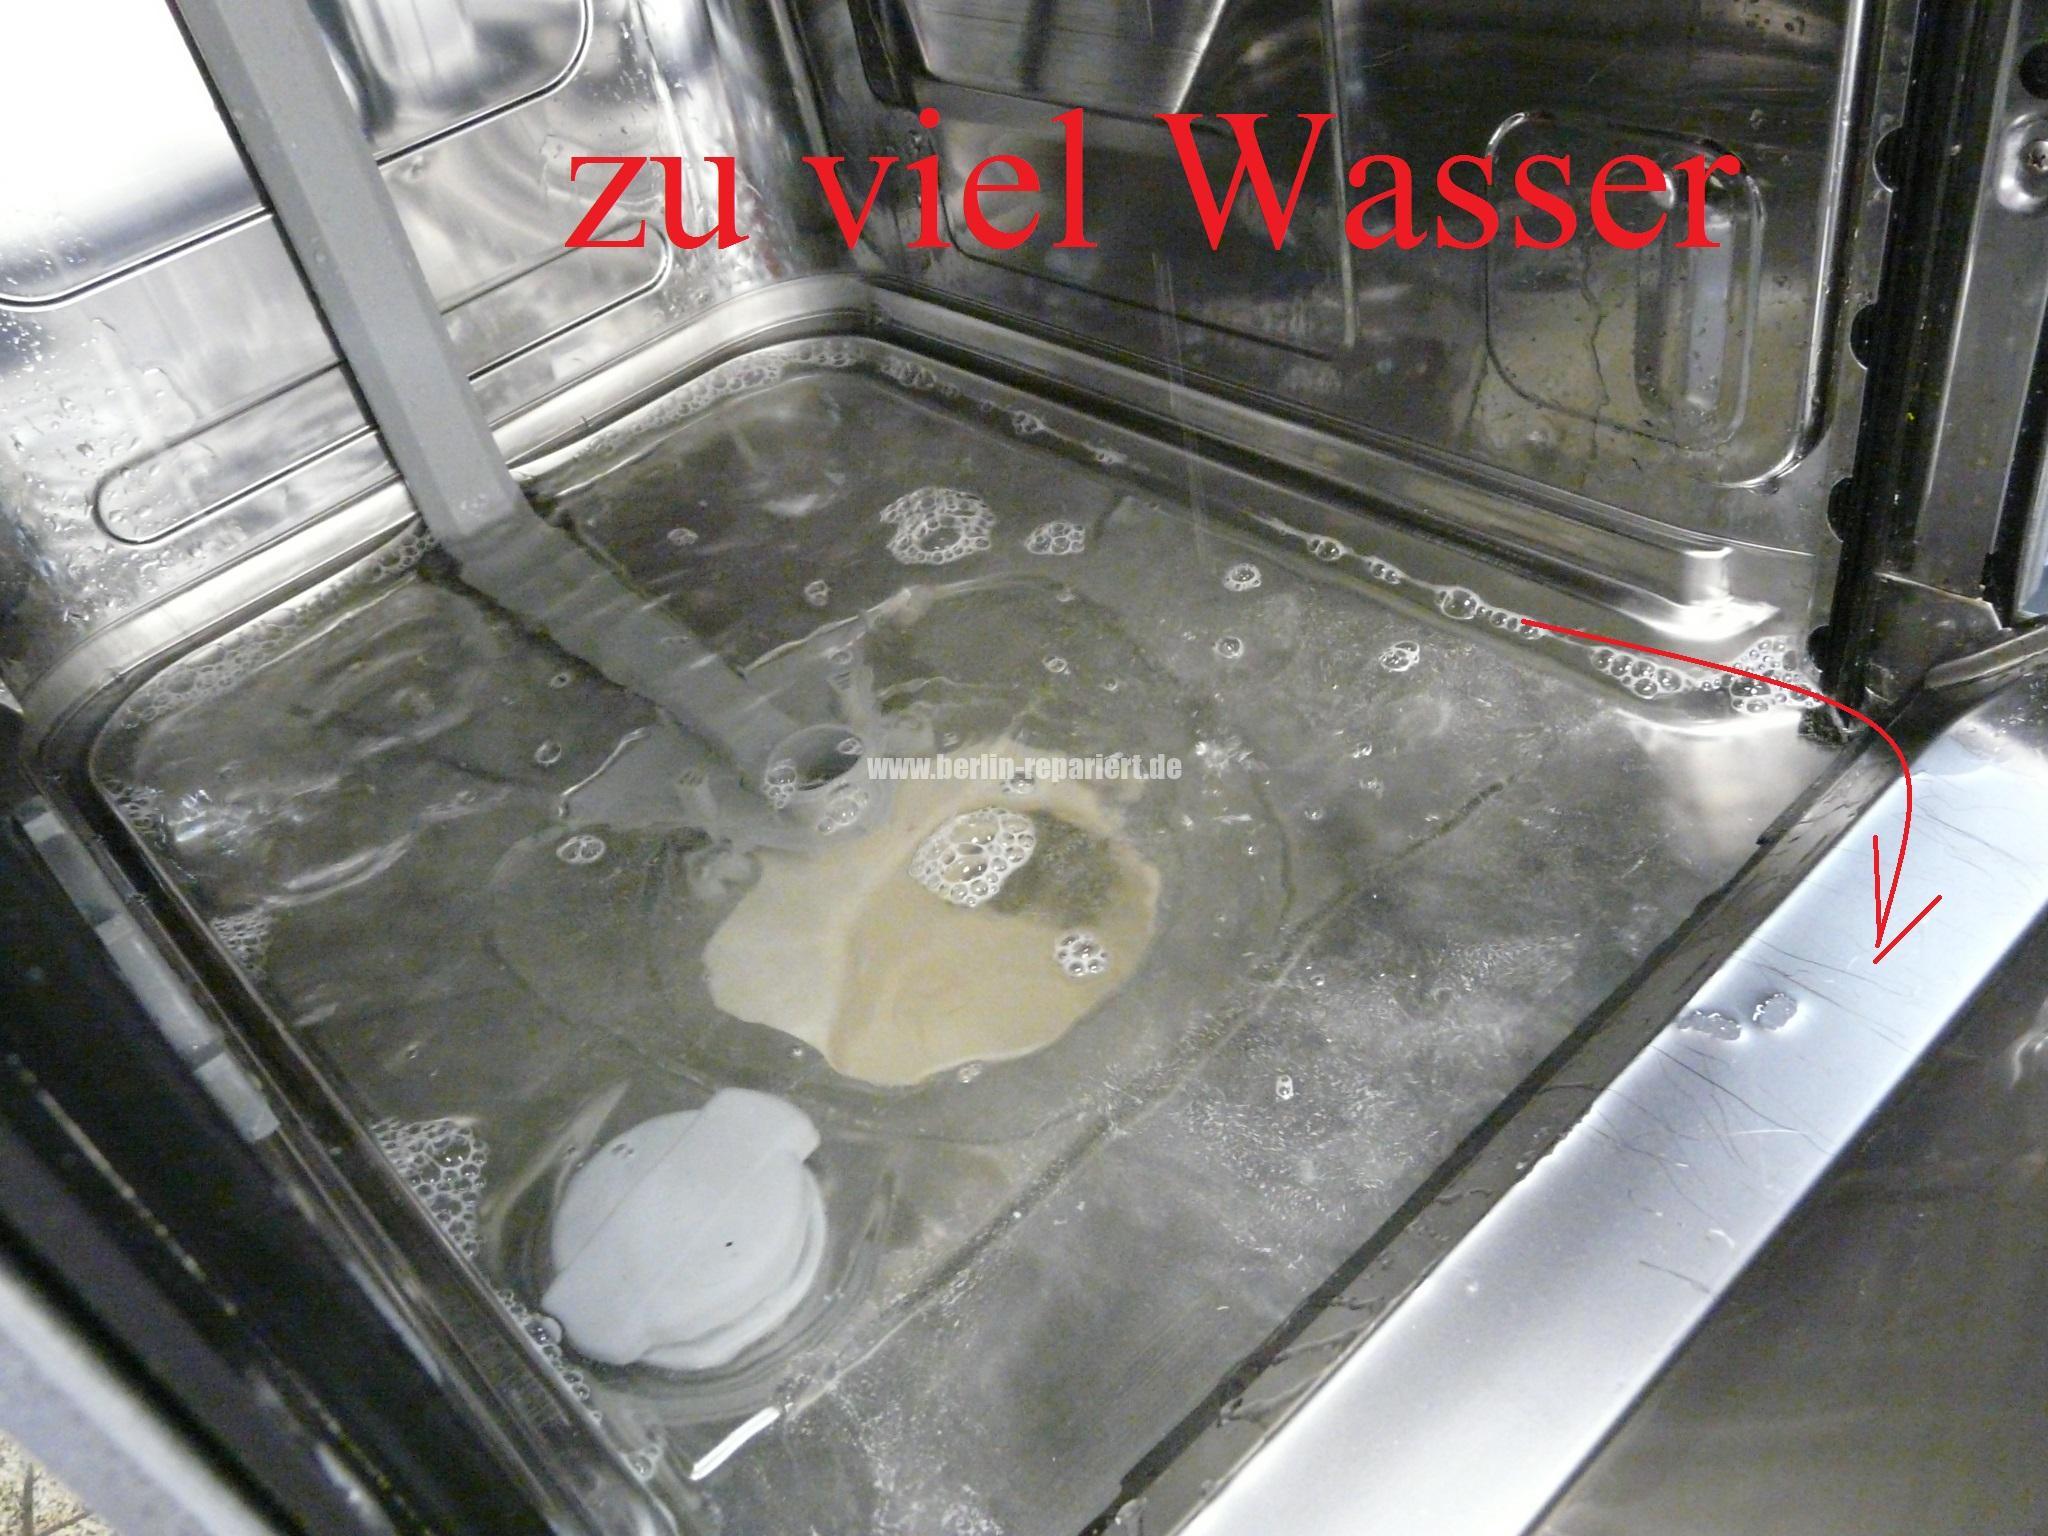 Fabulous Ikea Geschirrspüler reparieren 102.22425, zieht zu viel Wasser ZL22